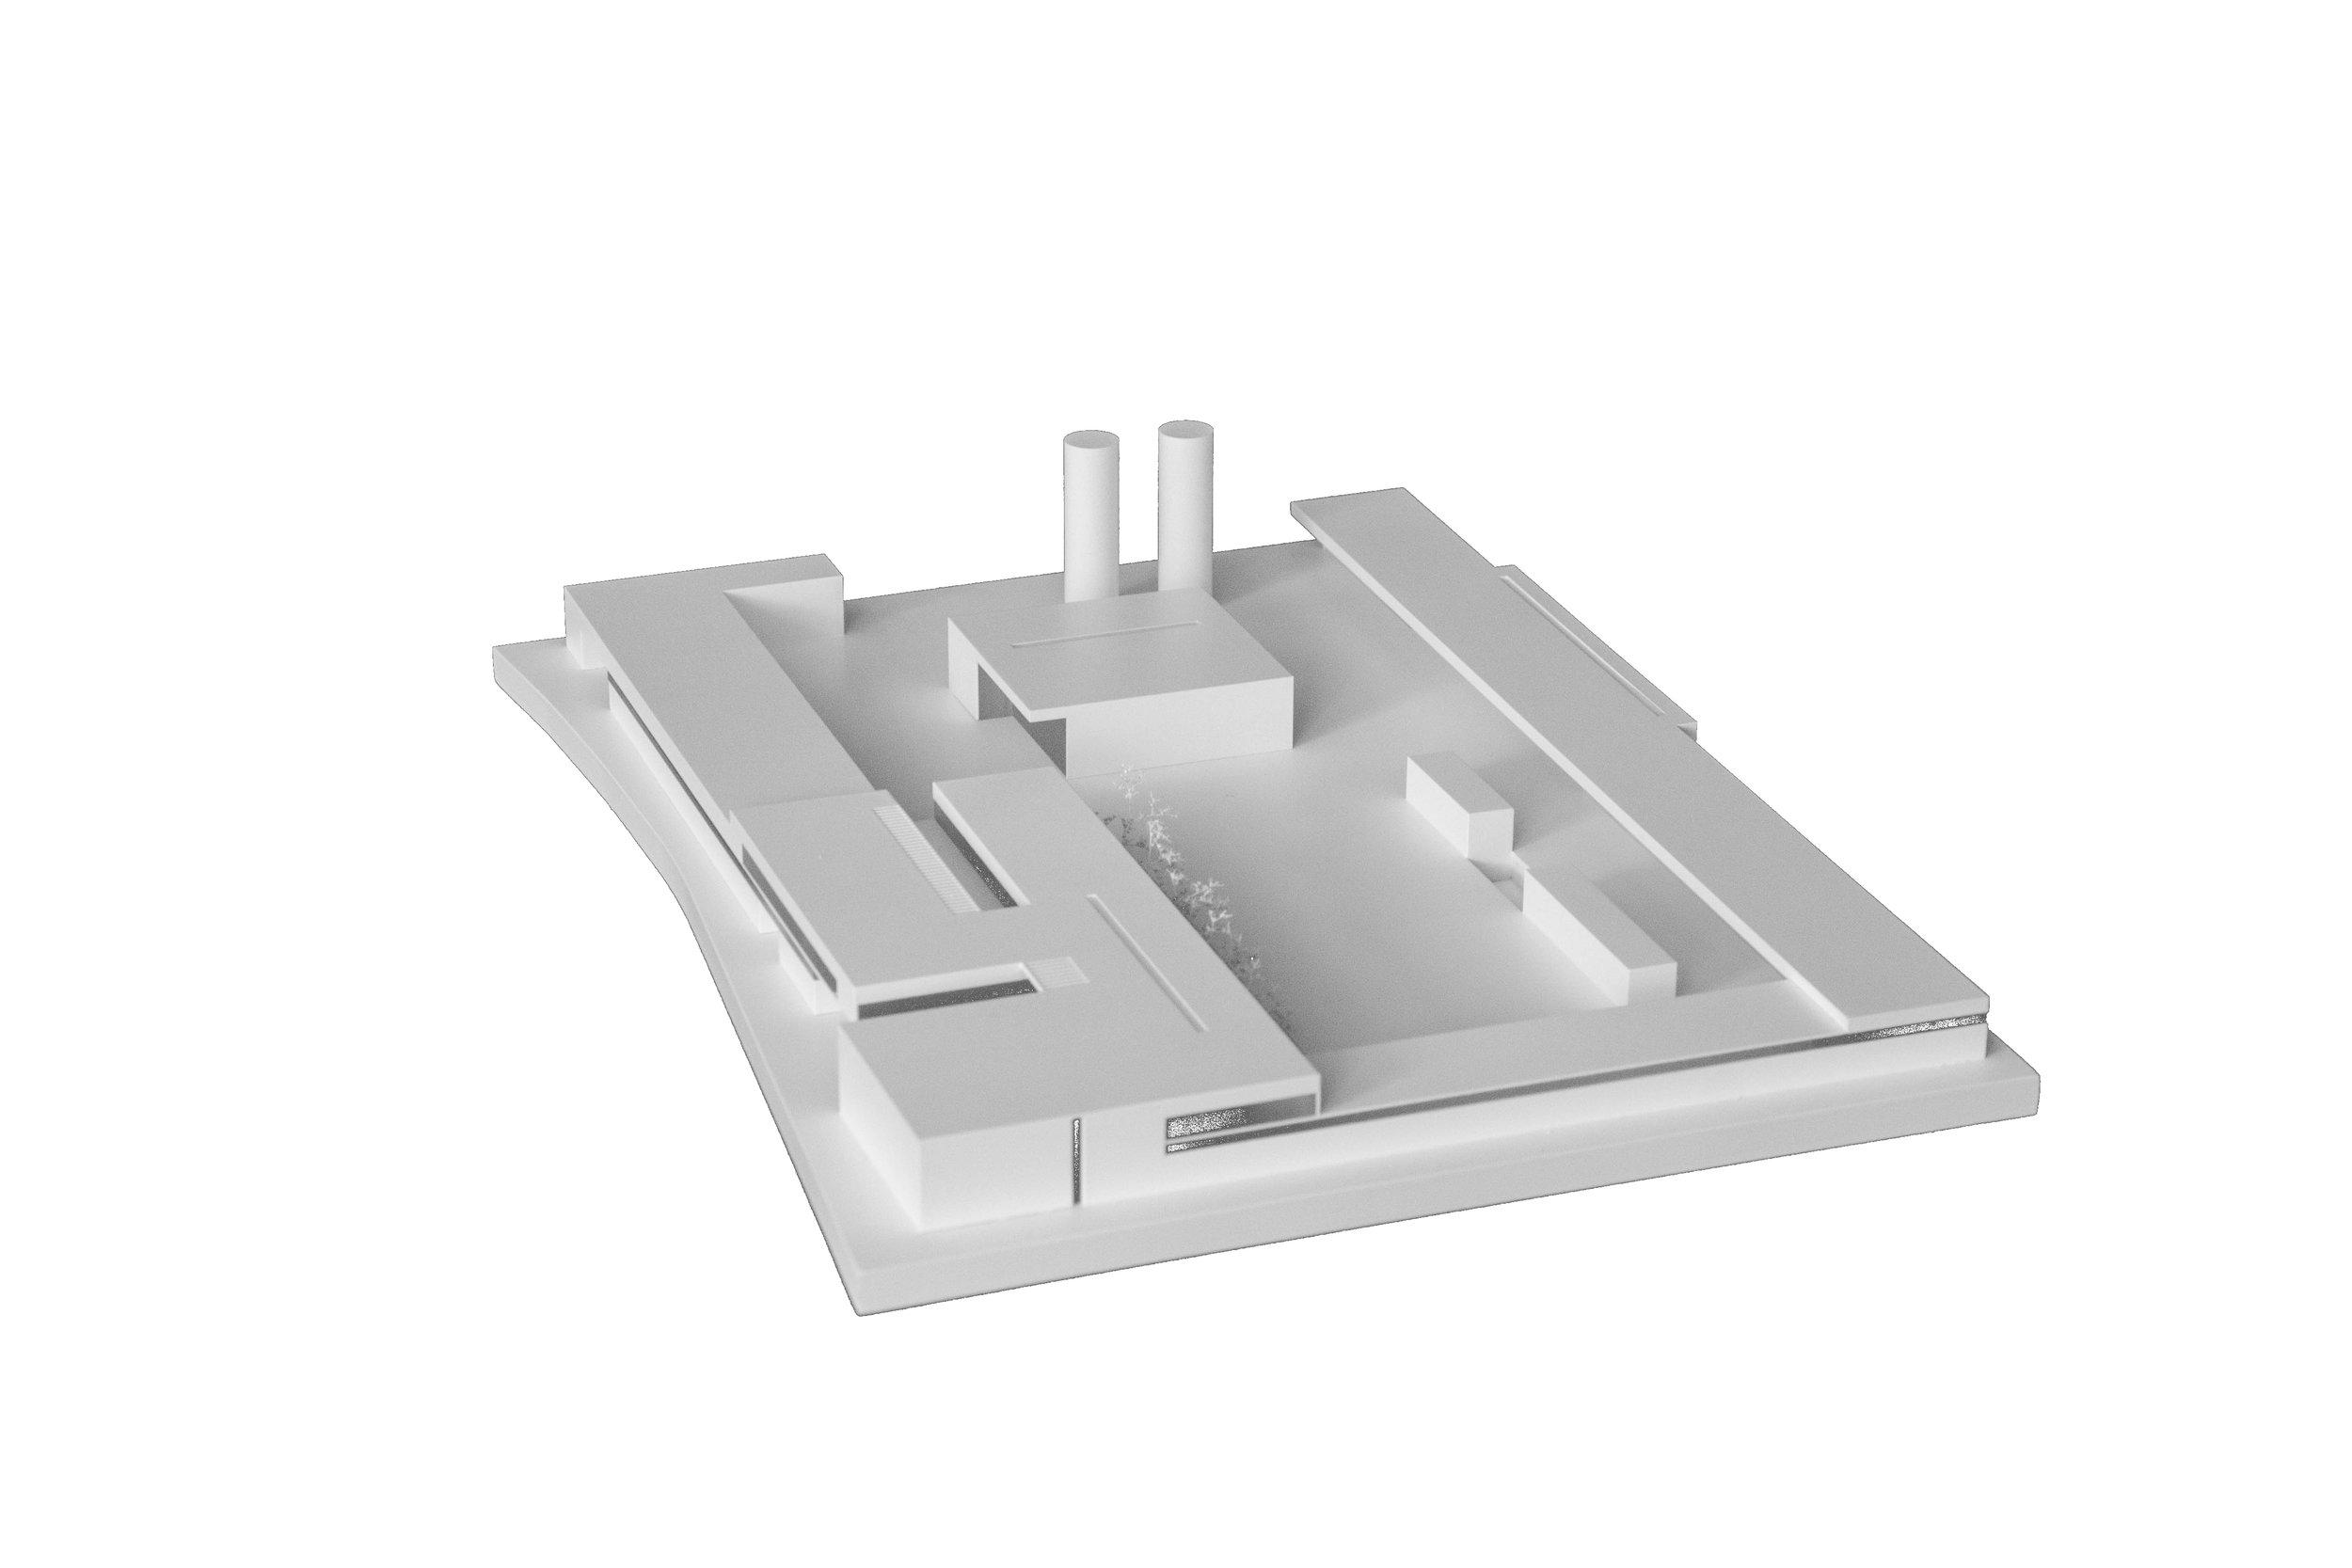 Modell Weiss_2.jpg